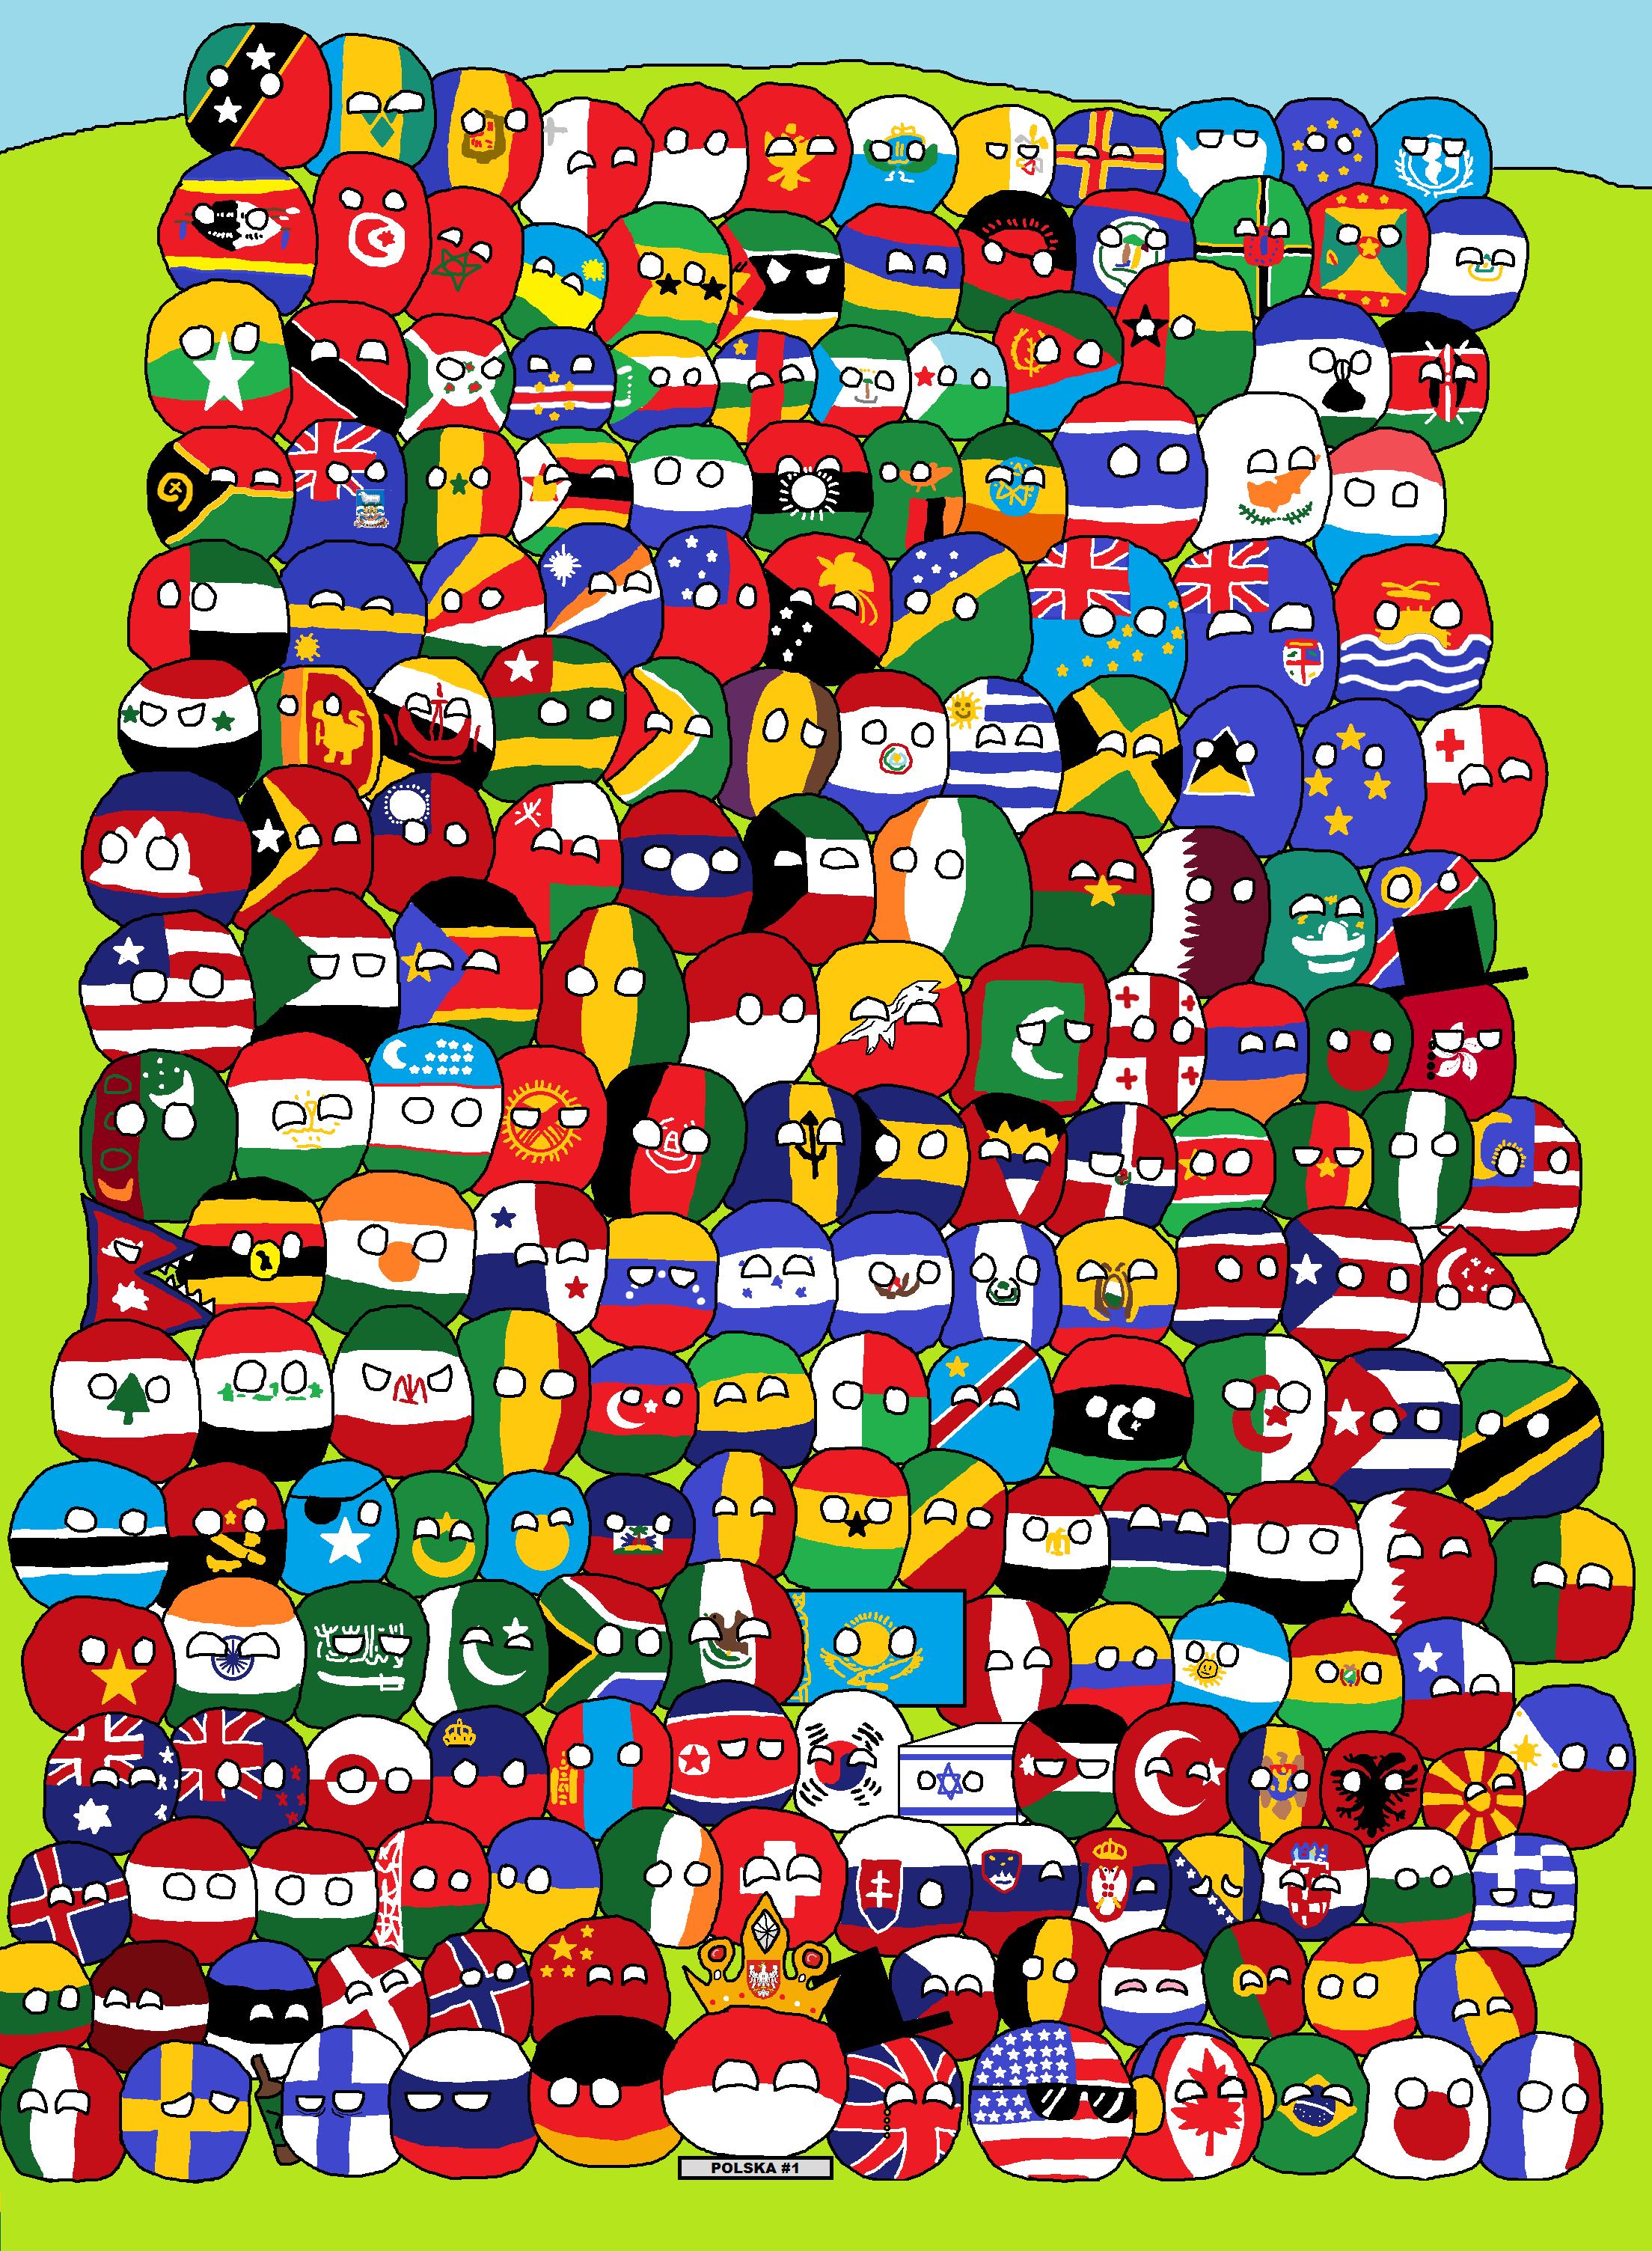 Description countries of the world polandball